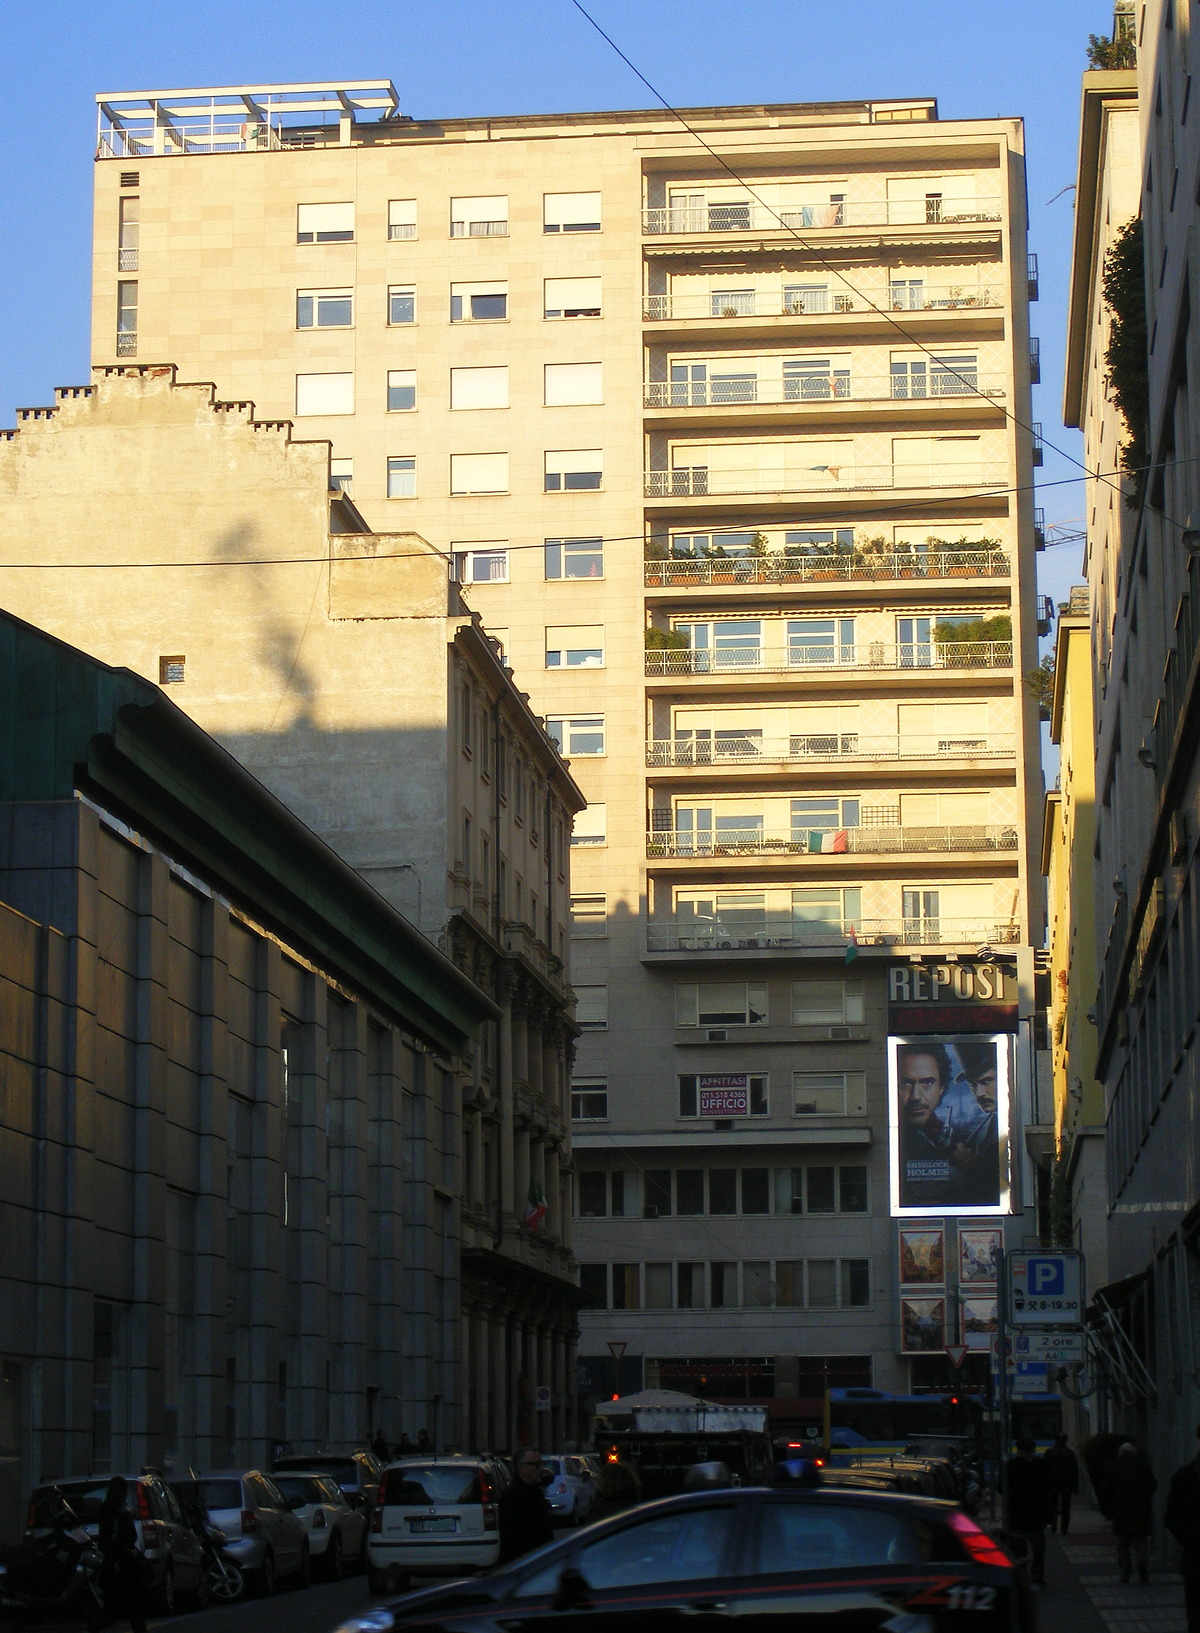 Casa saiba wikipedia - Casa delle lampadine torino ...